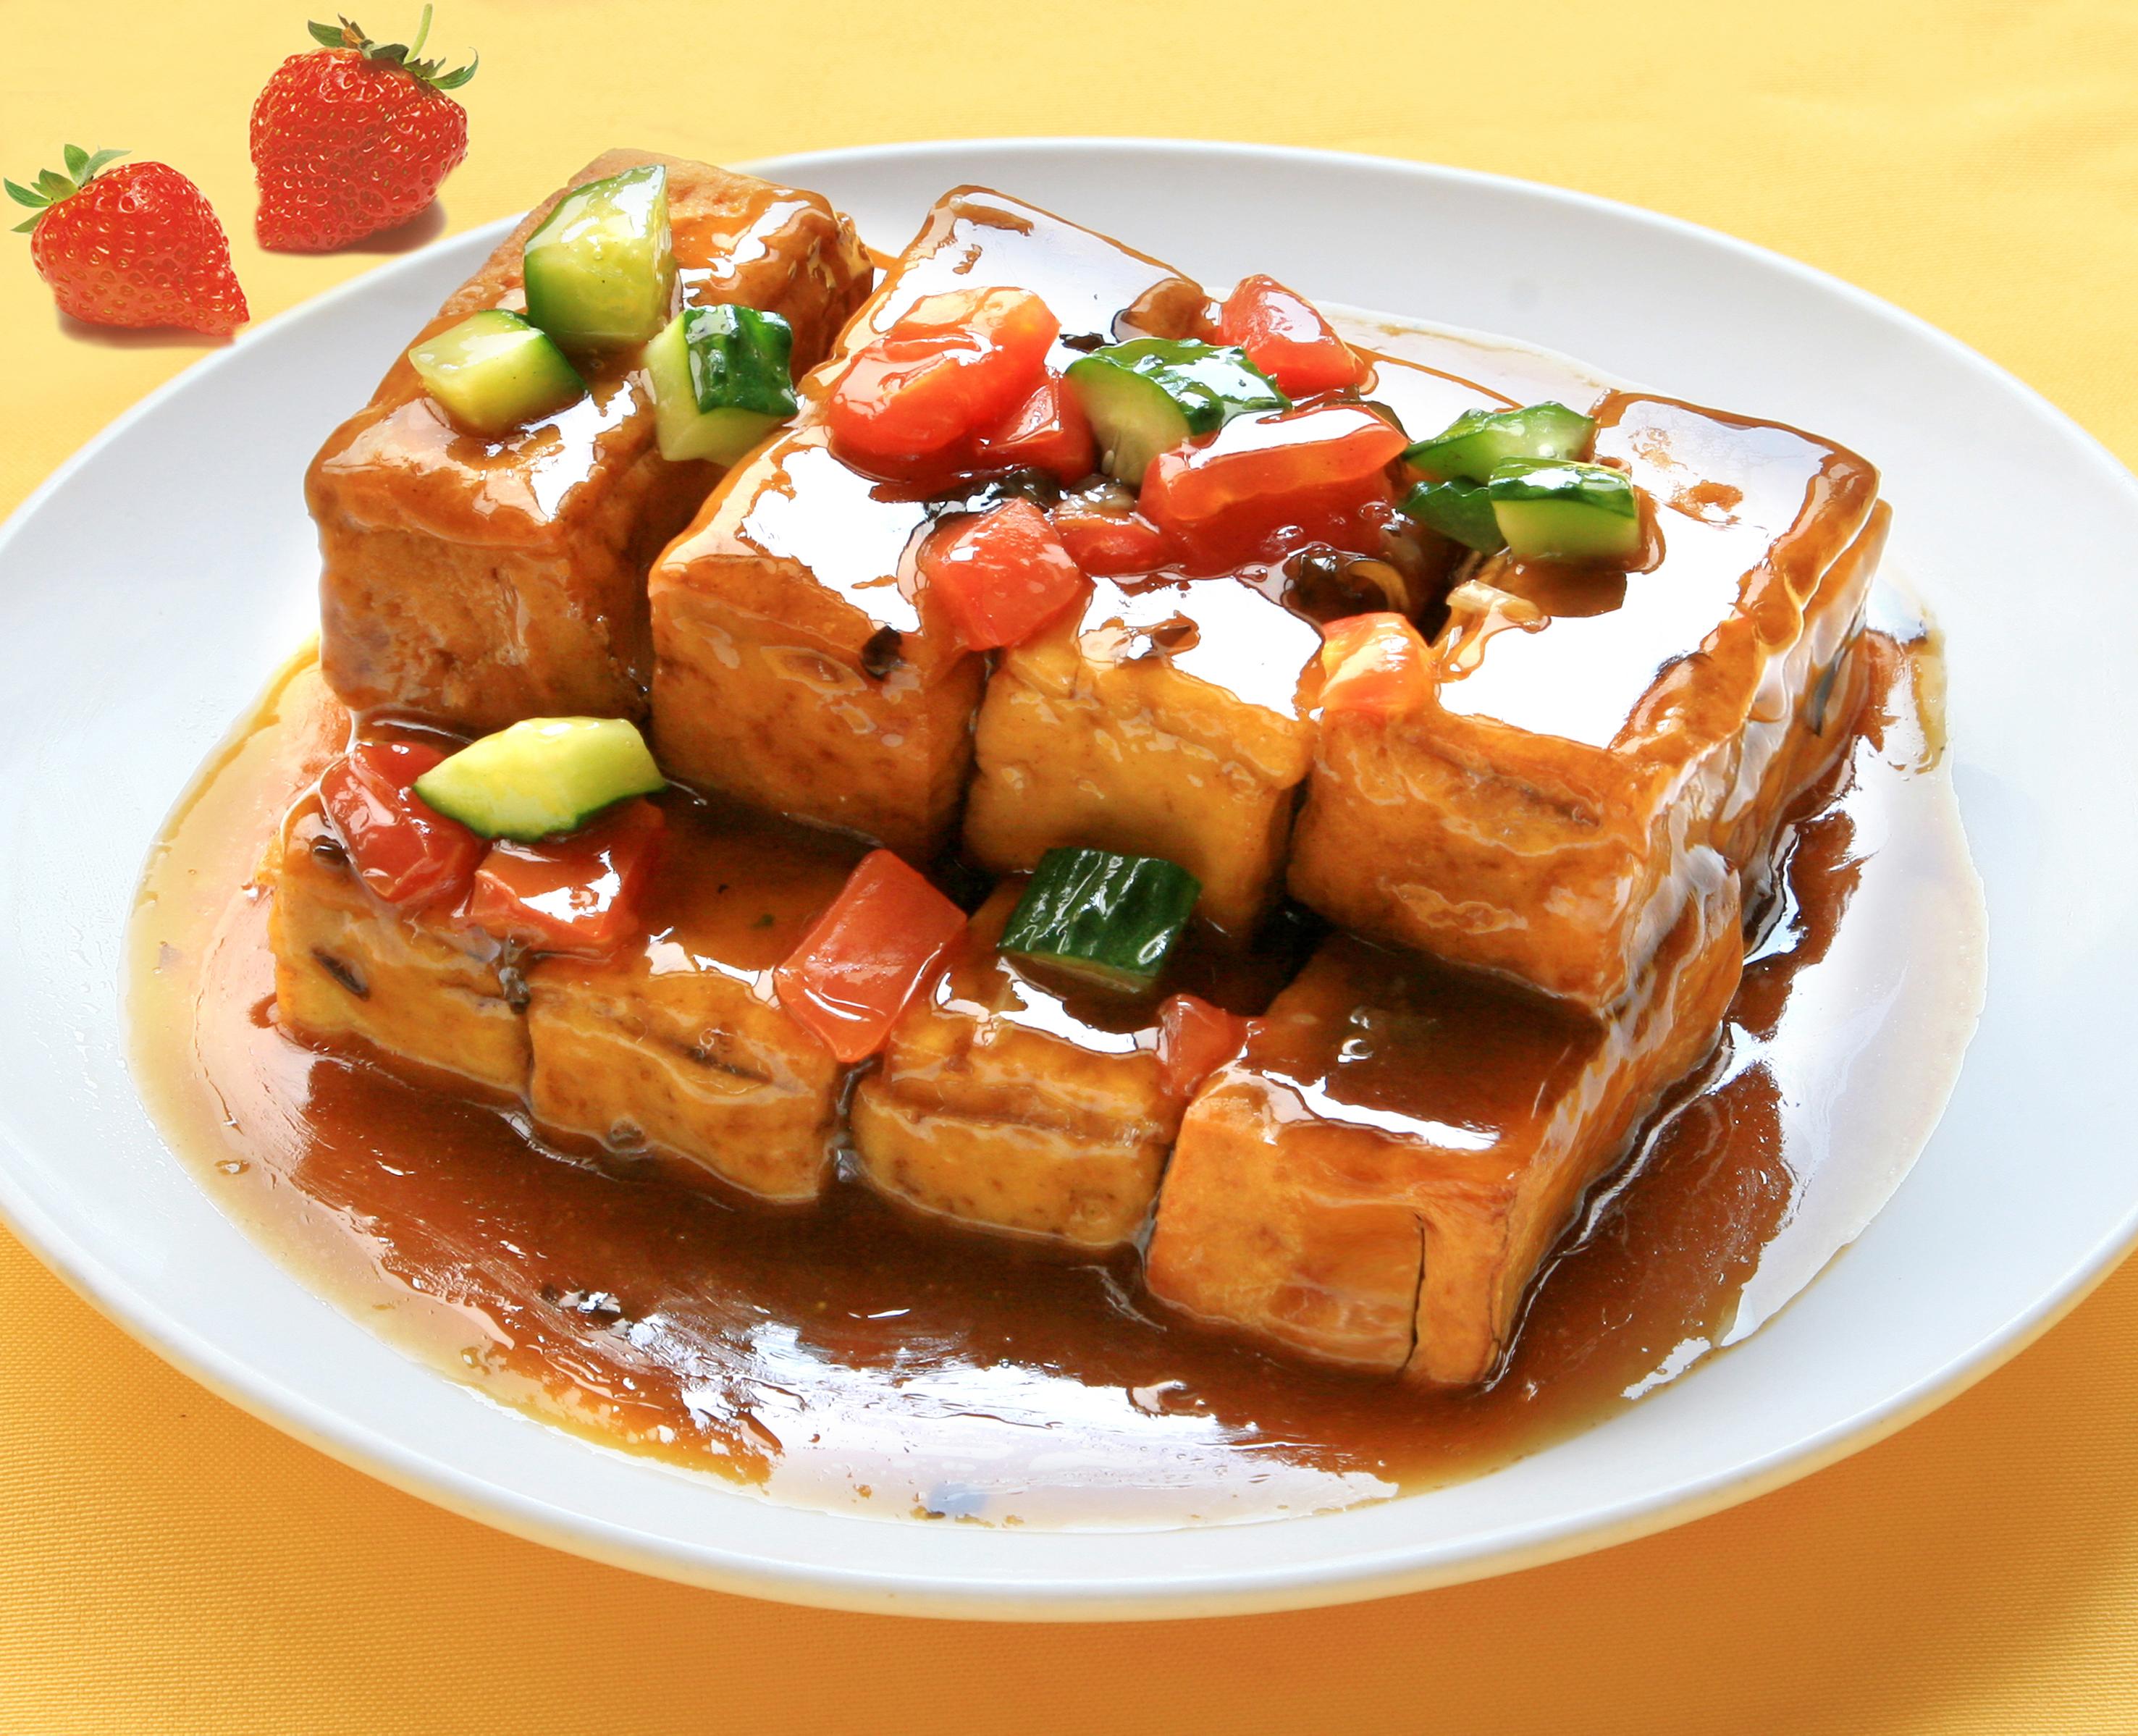 博山将举办美食美器文化节 推进美食文化与陶琉文化融合发展